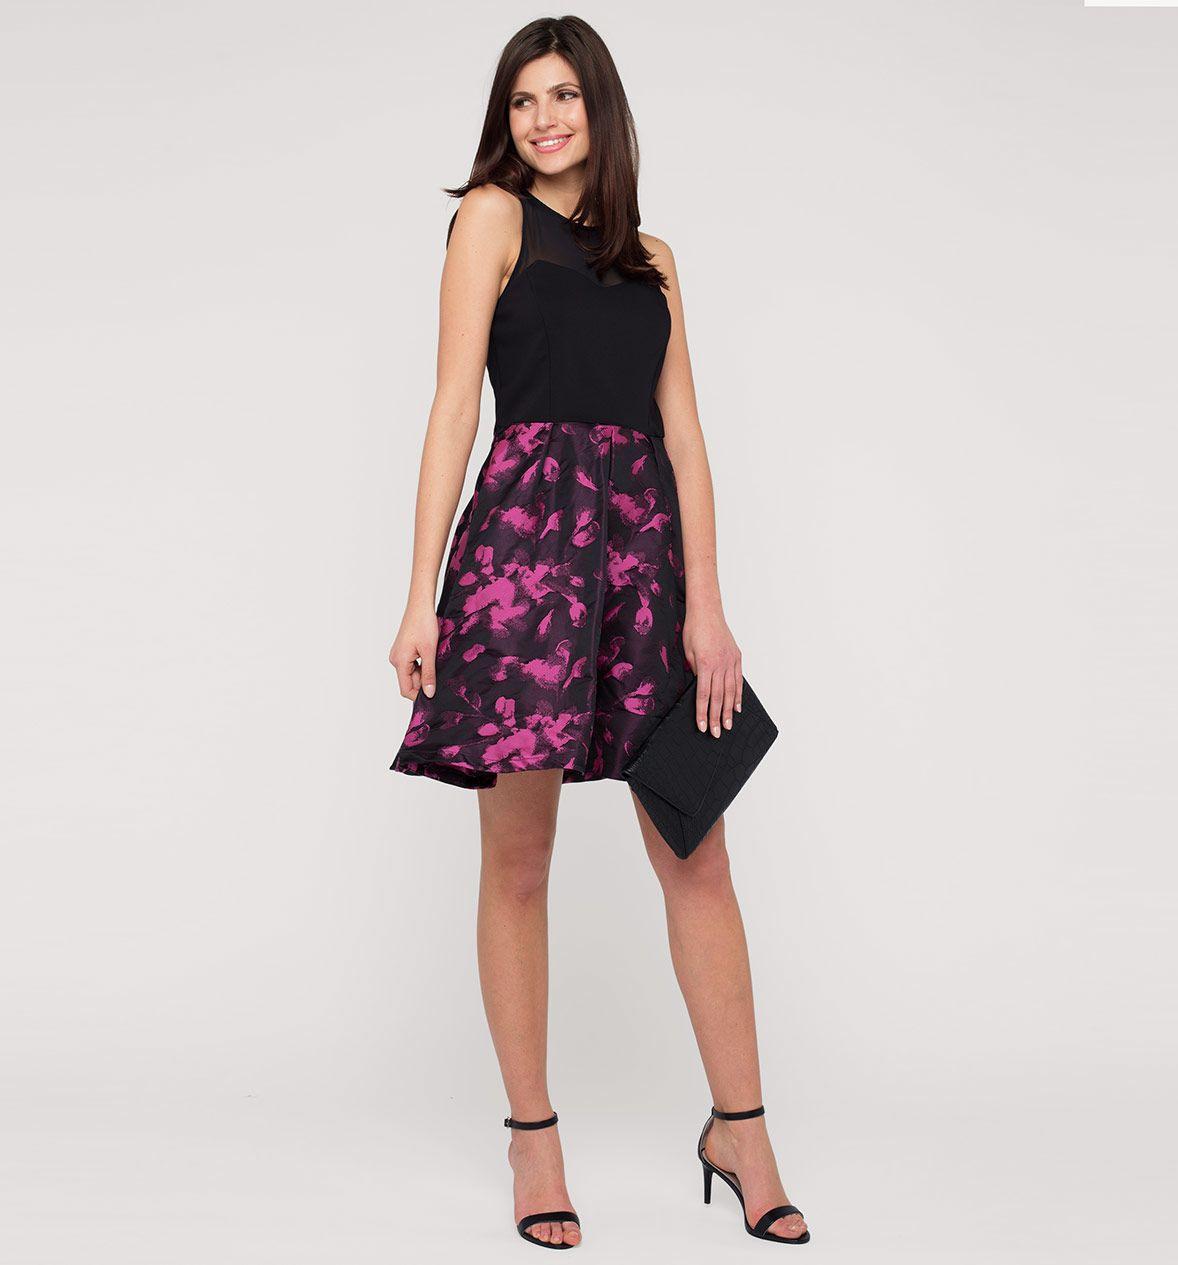 Genial C& Abendkleider Stylish20 Luxus C& Abendkleider Vertrieb